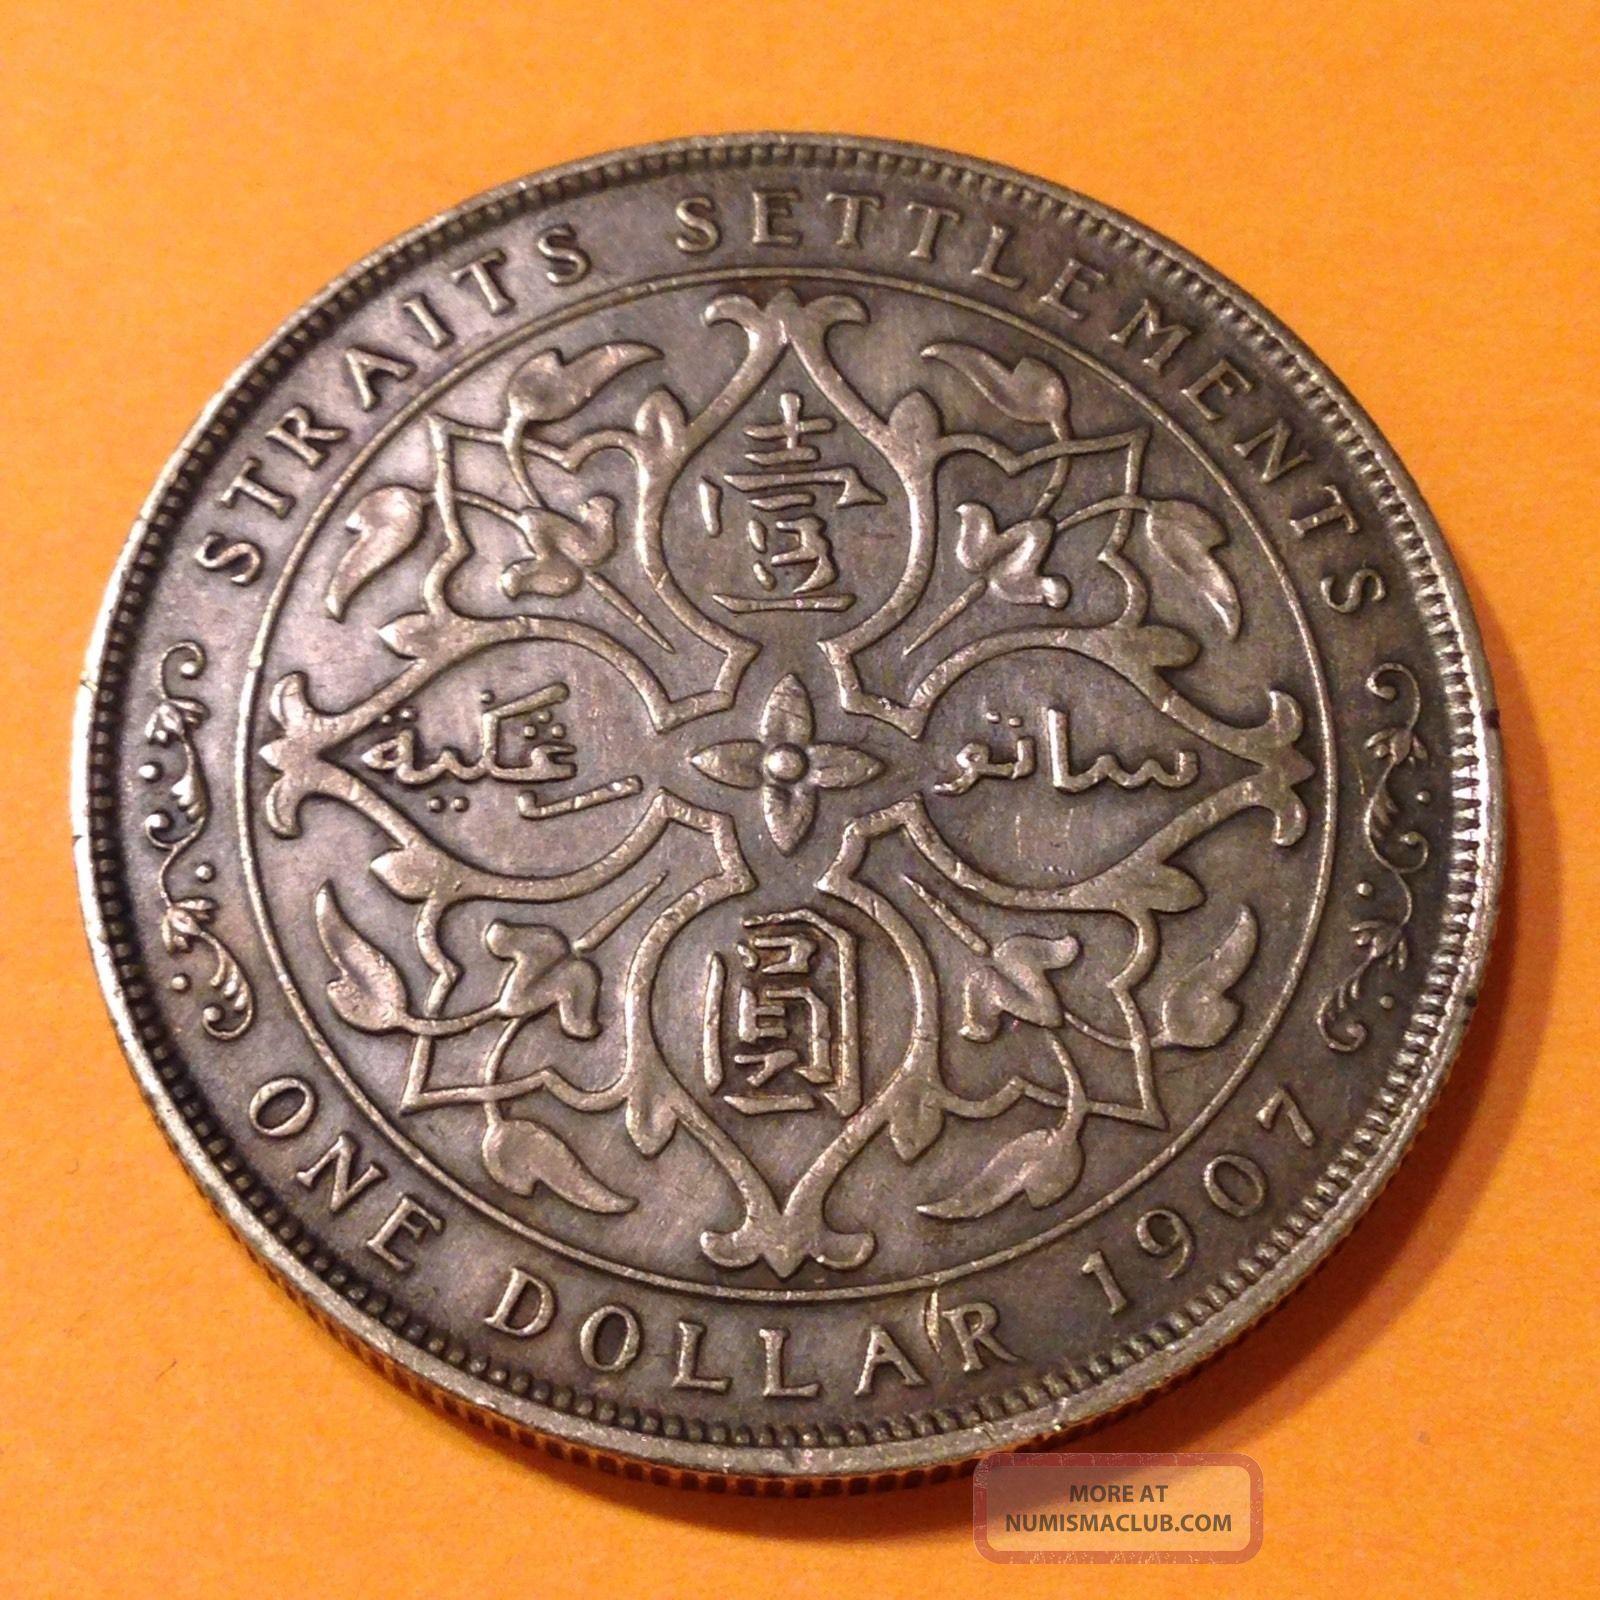 Malaysia 1 dollar coin value / Ada coin prediction 500